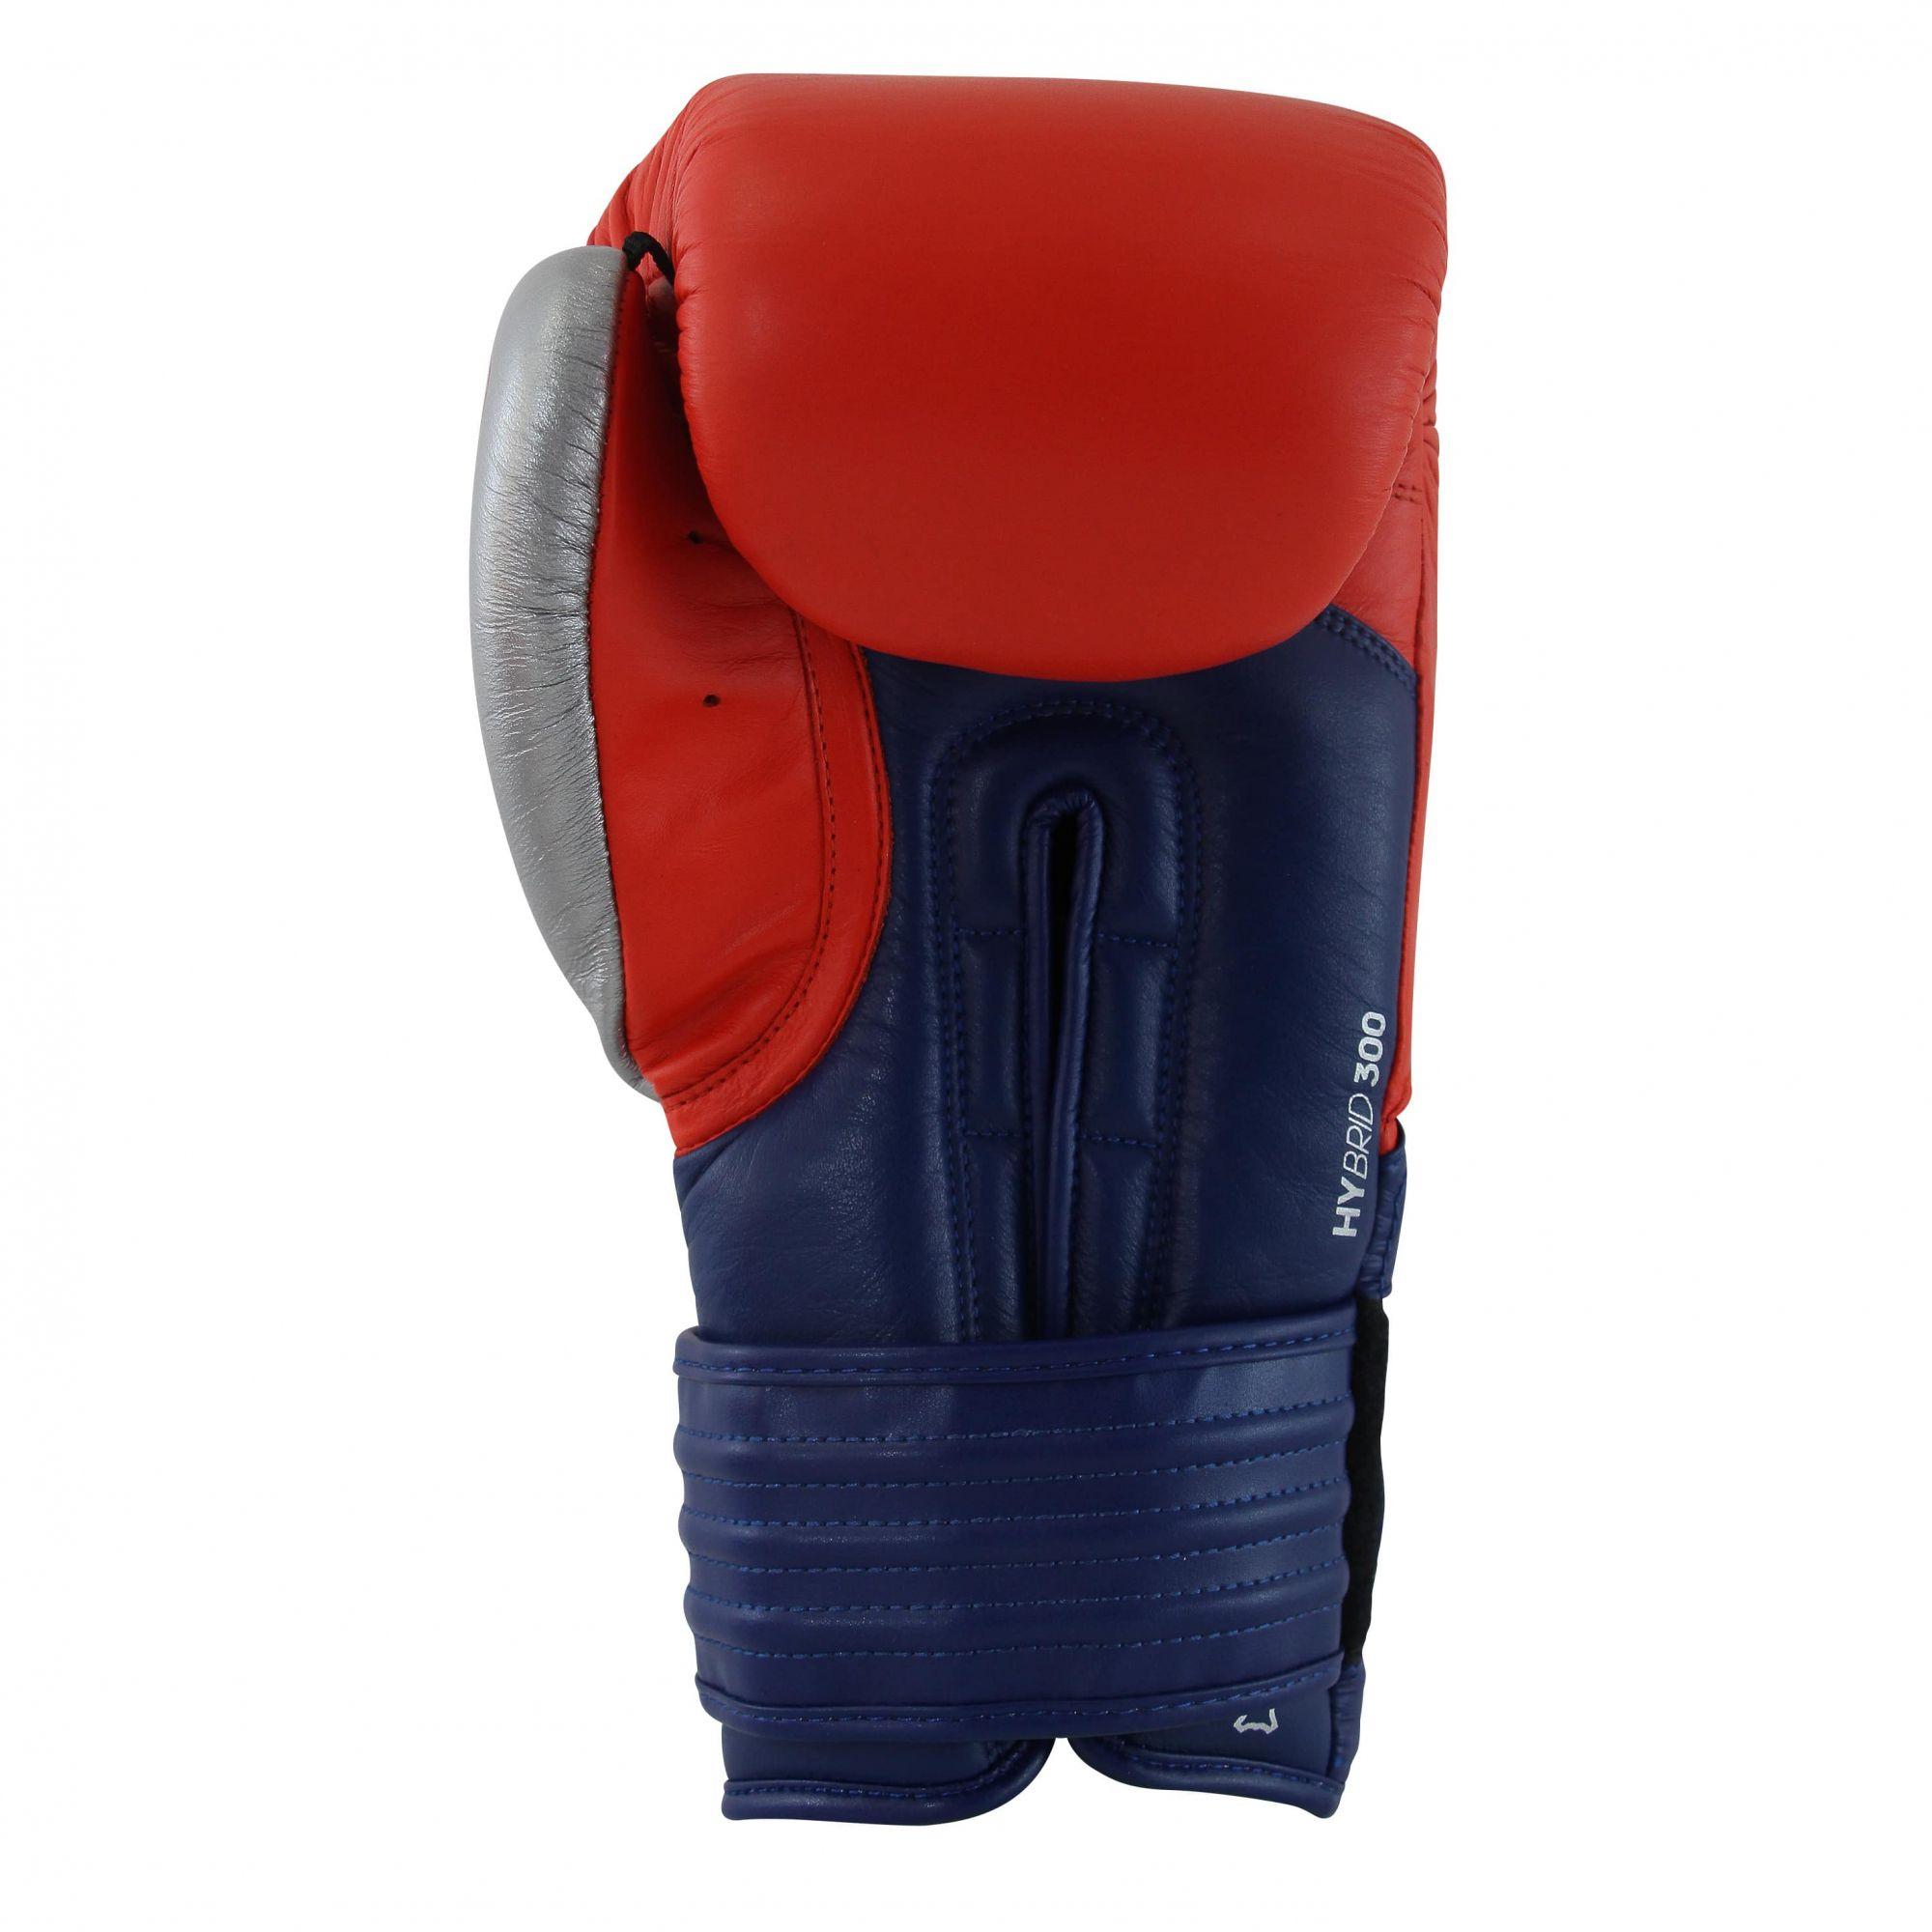 Luva de Boxe adidas Hybrid 300 Vermelha/Azul - Dedão Prateado